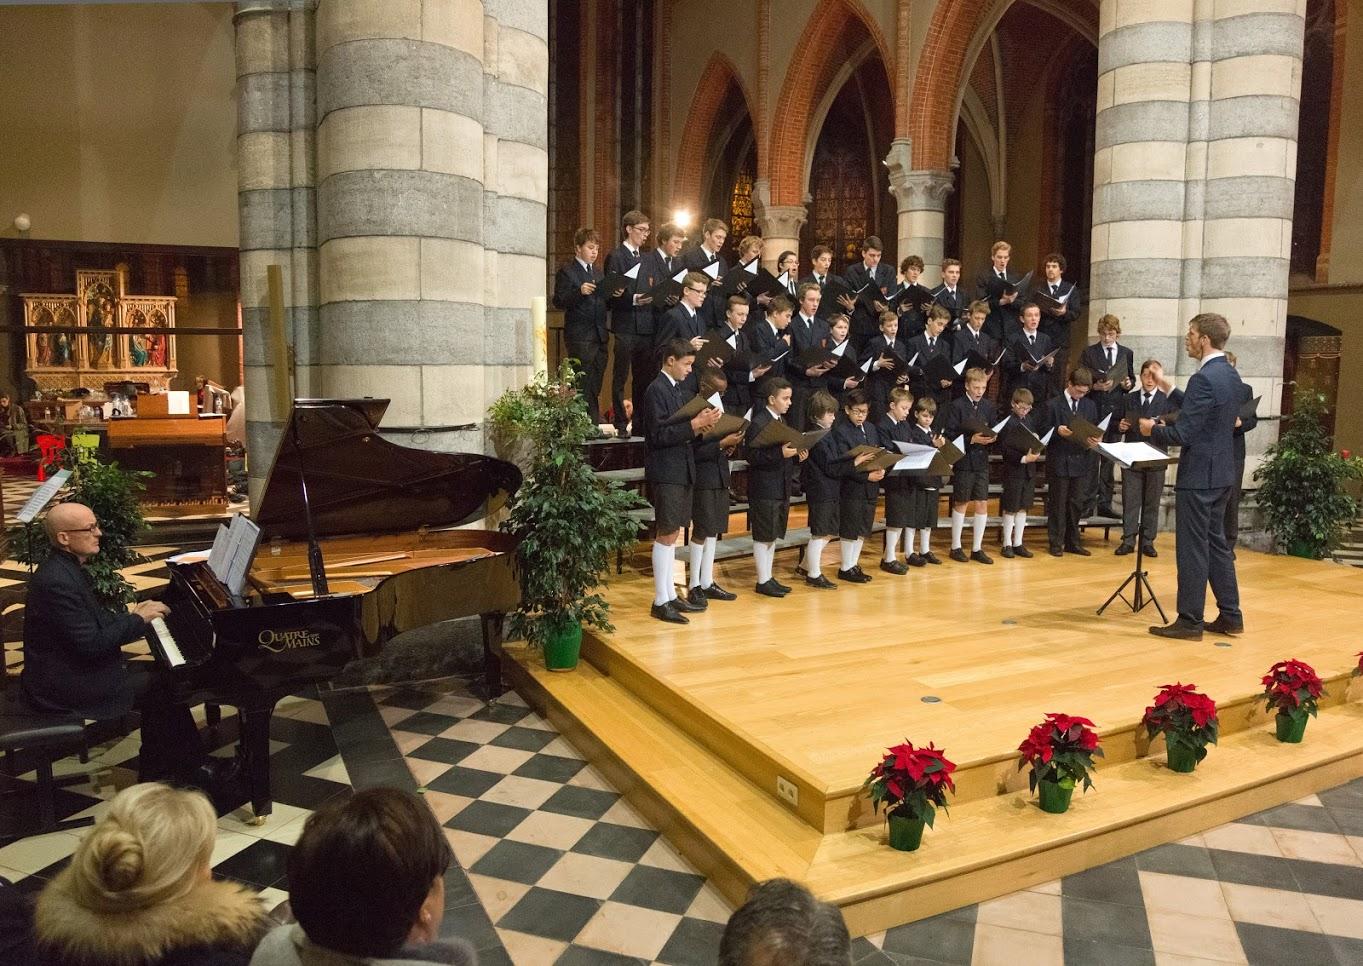 Jubelconcert te Gent ter gelegenheid van het 50-jarig bestaan van Amade België